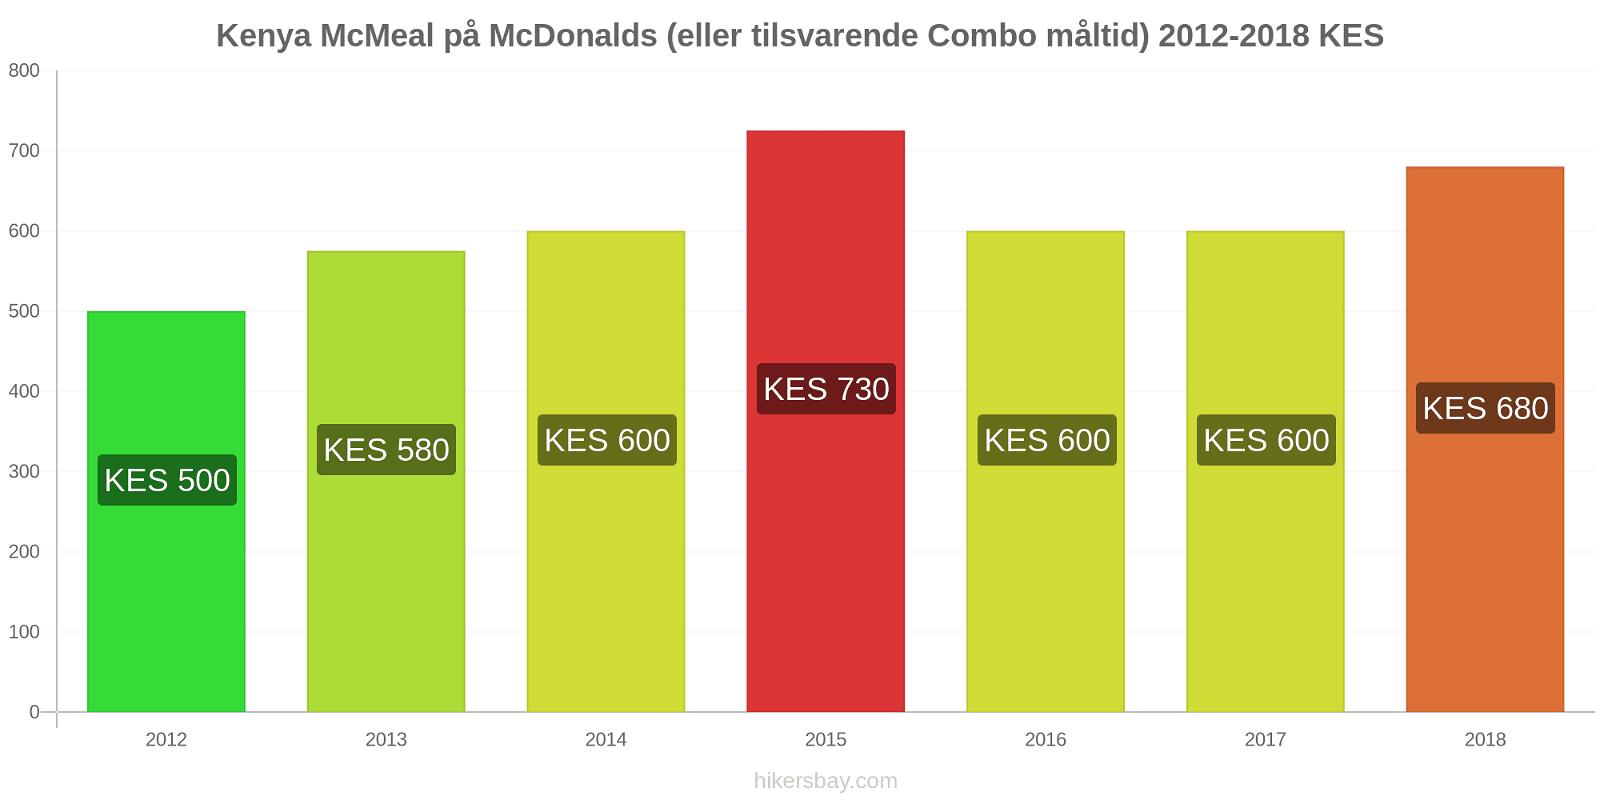 Kenya prisendringer McMeal på McDonalds (eller tilsvarende Combo måltid) hikersbay.com